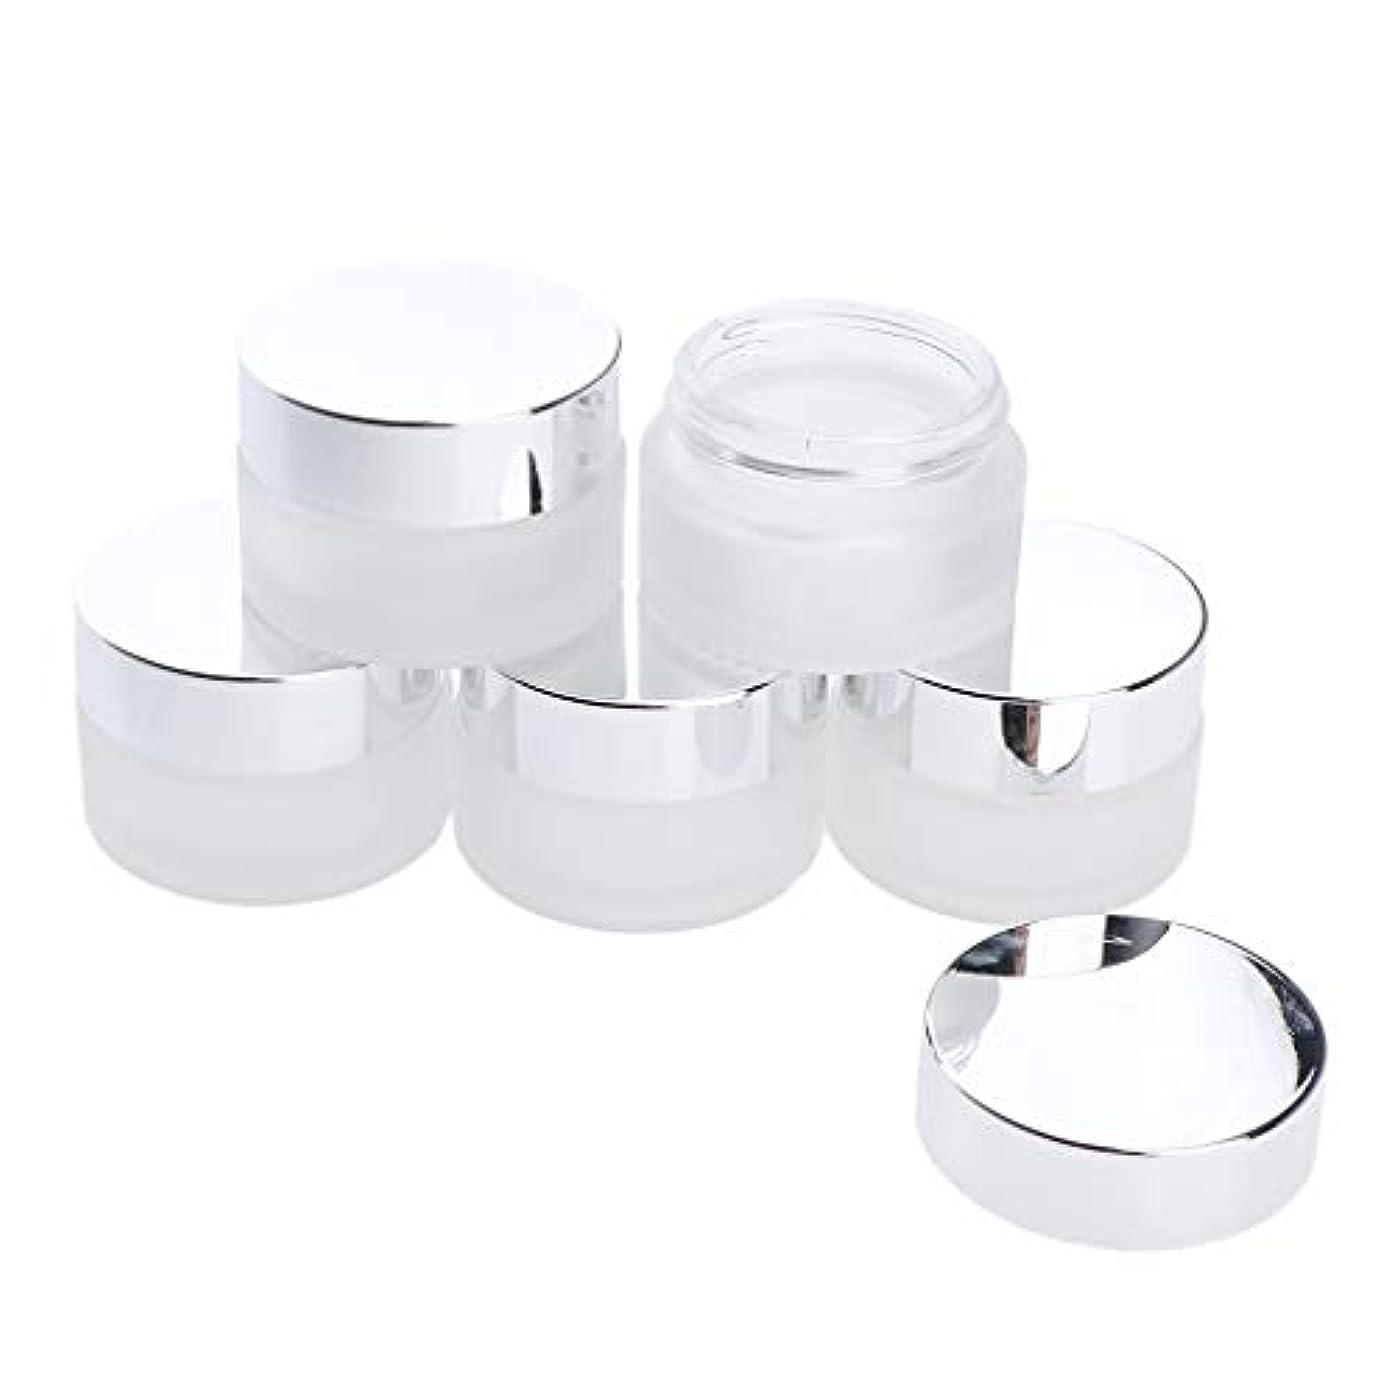 ホテル型ジョージハンブリー5本 ガラス瓶 メイクアップ フェイスクリーム オイル DIY 小分け容器 2サイズ選べ - 20g